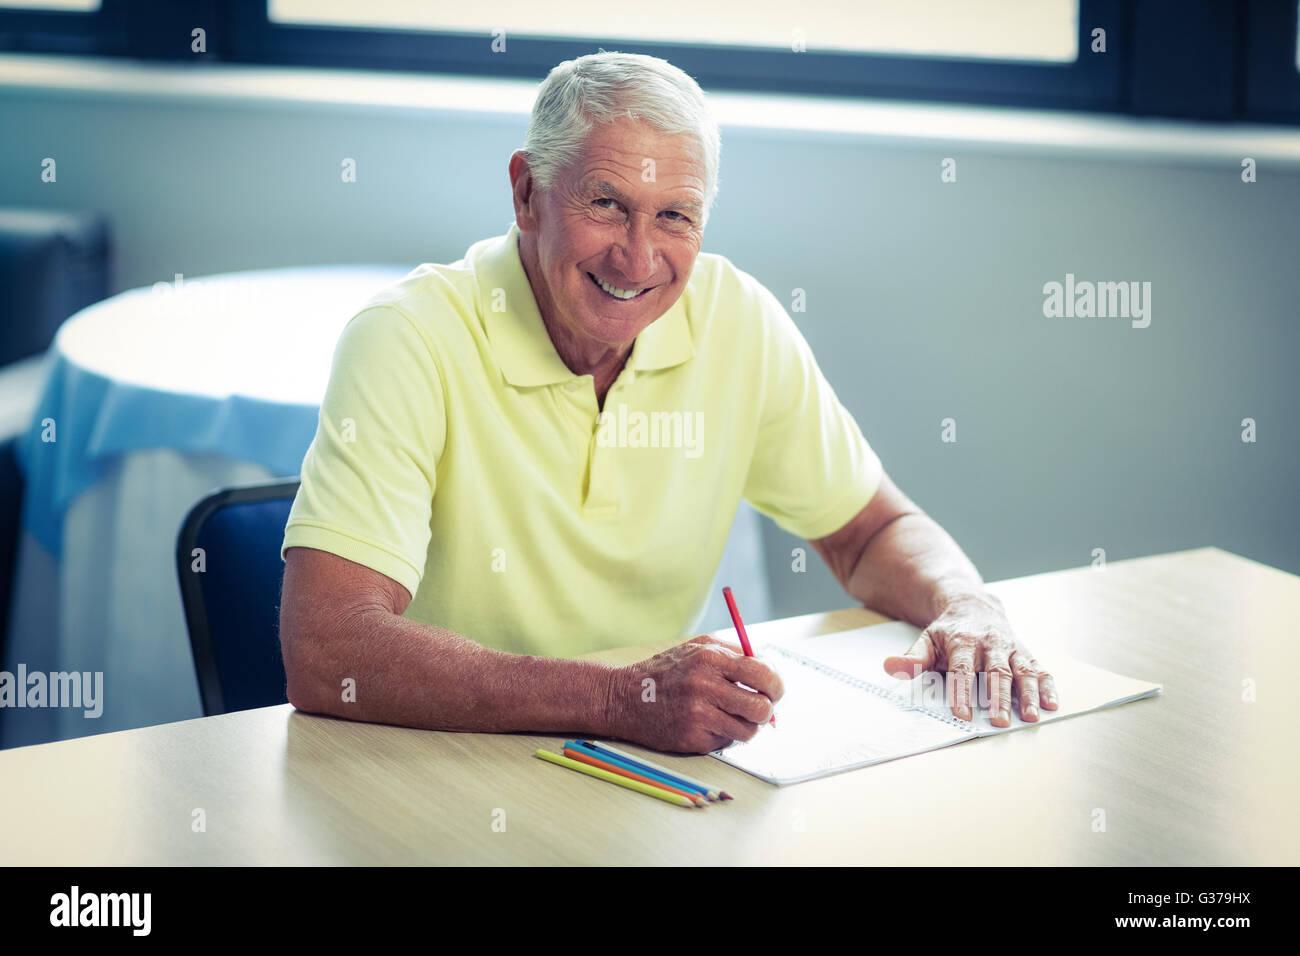 Man le dessin avec un crayon de couleur dans l'élaboration d'adresses Photo Stock